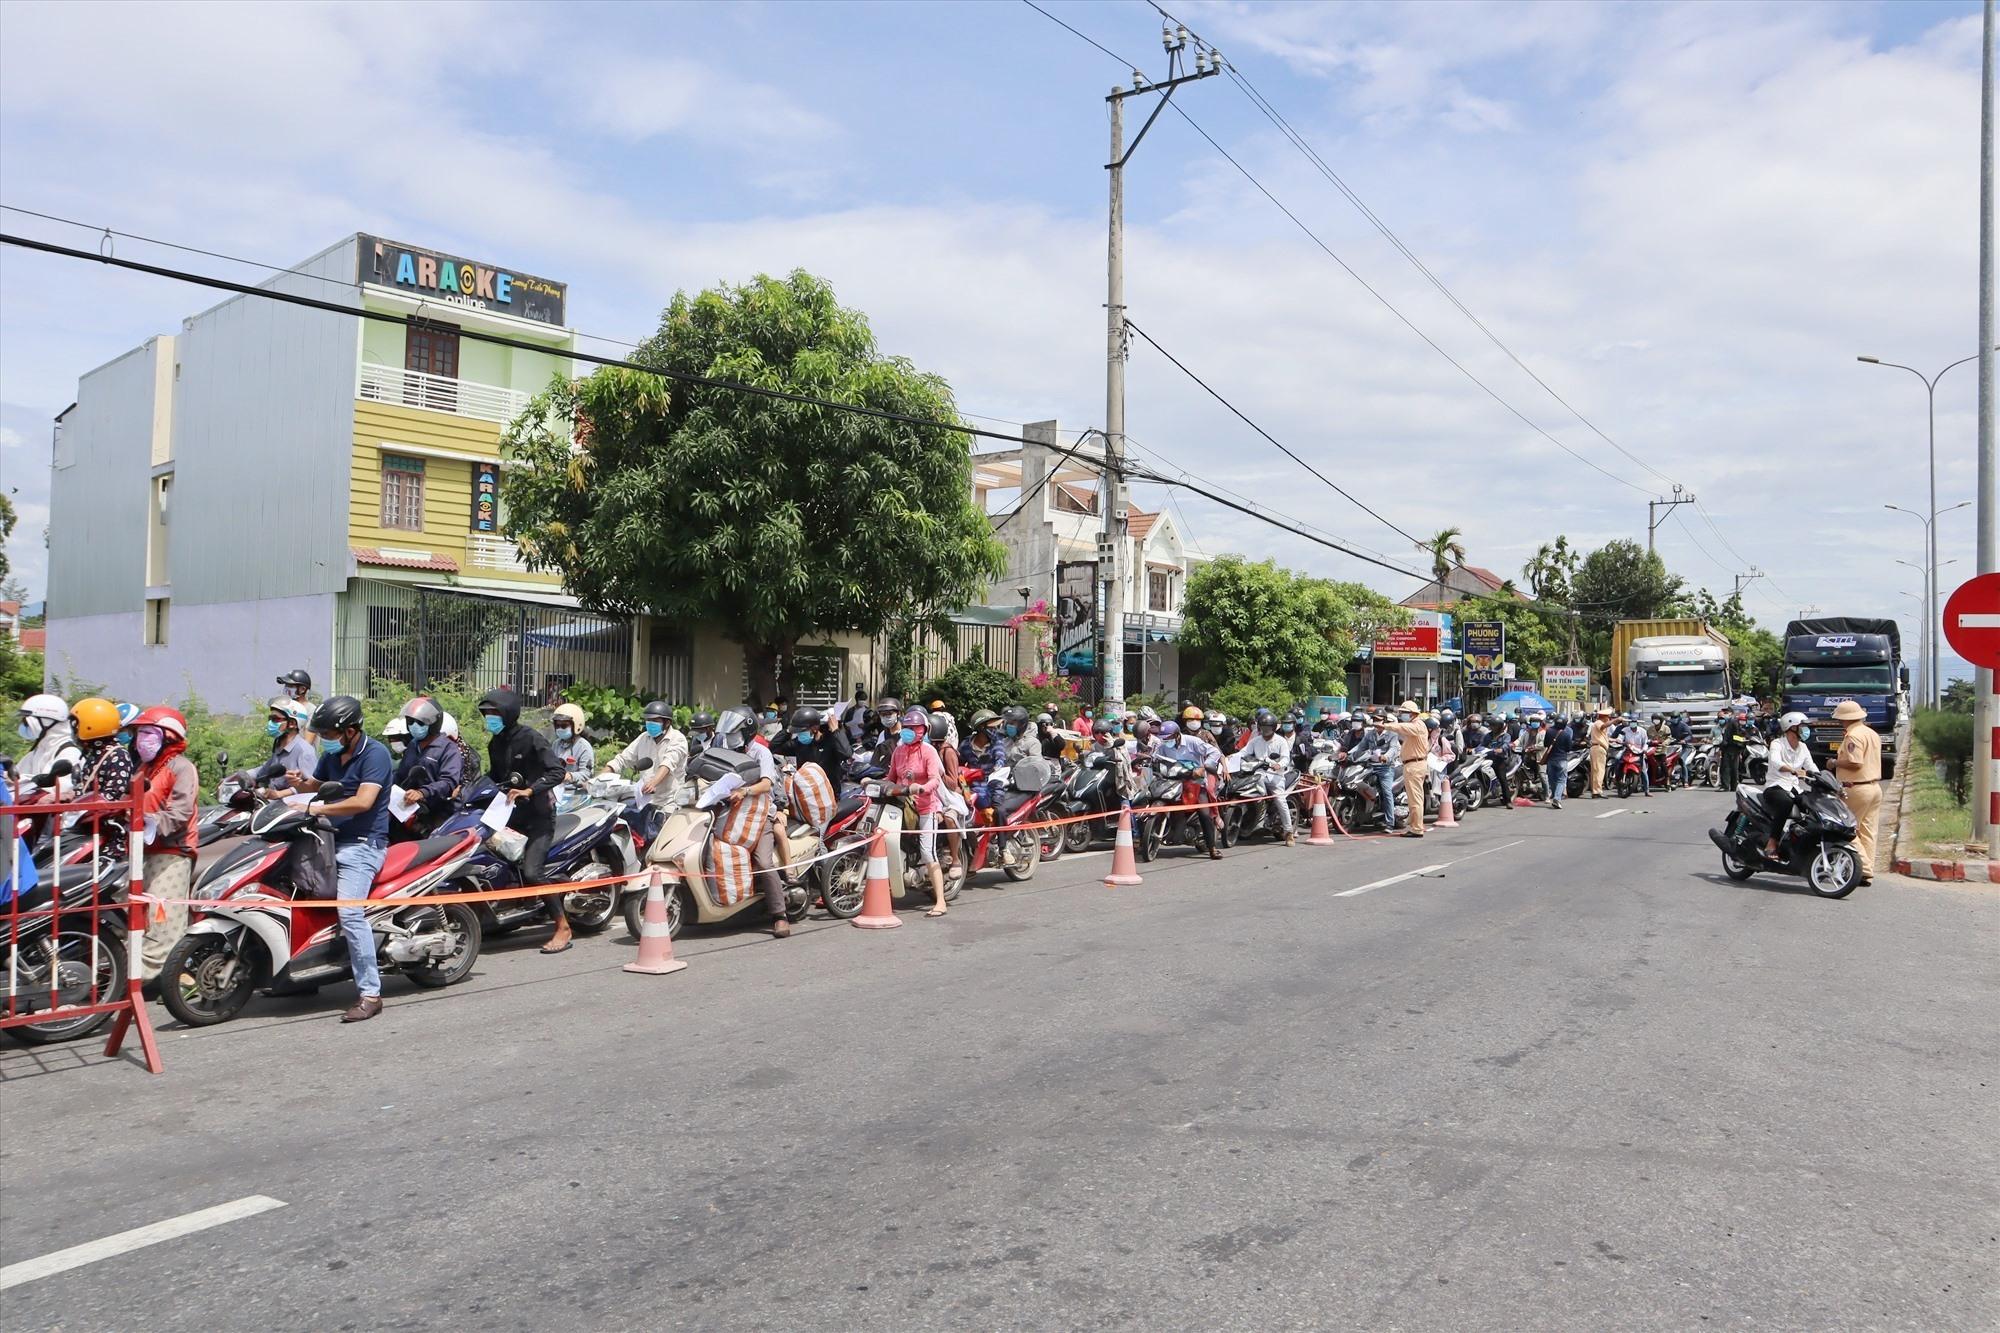 Đến 11 giờ trưa nay, vẫn còn hàng trăm người dân nối đuôi nhau chờ qua chốt để về Quảng Nam. Ảnh: Q.T